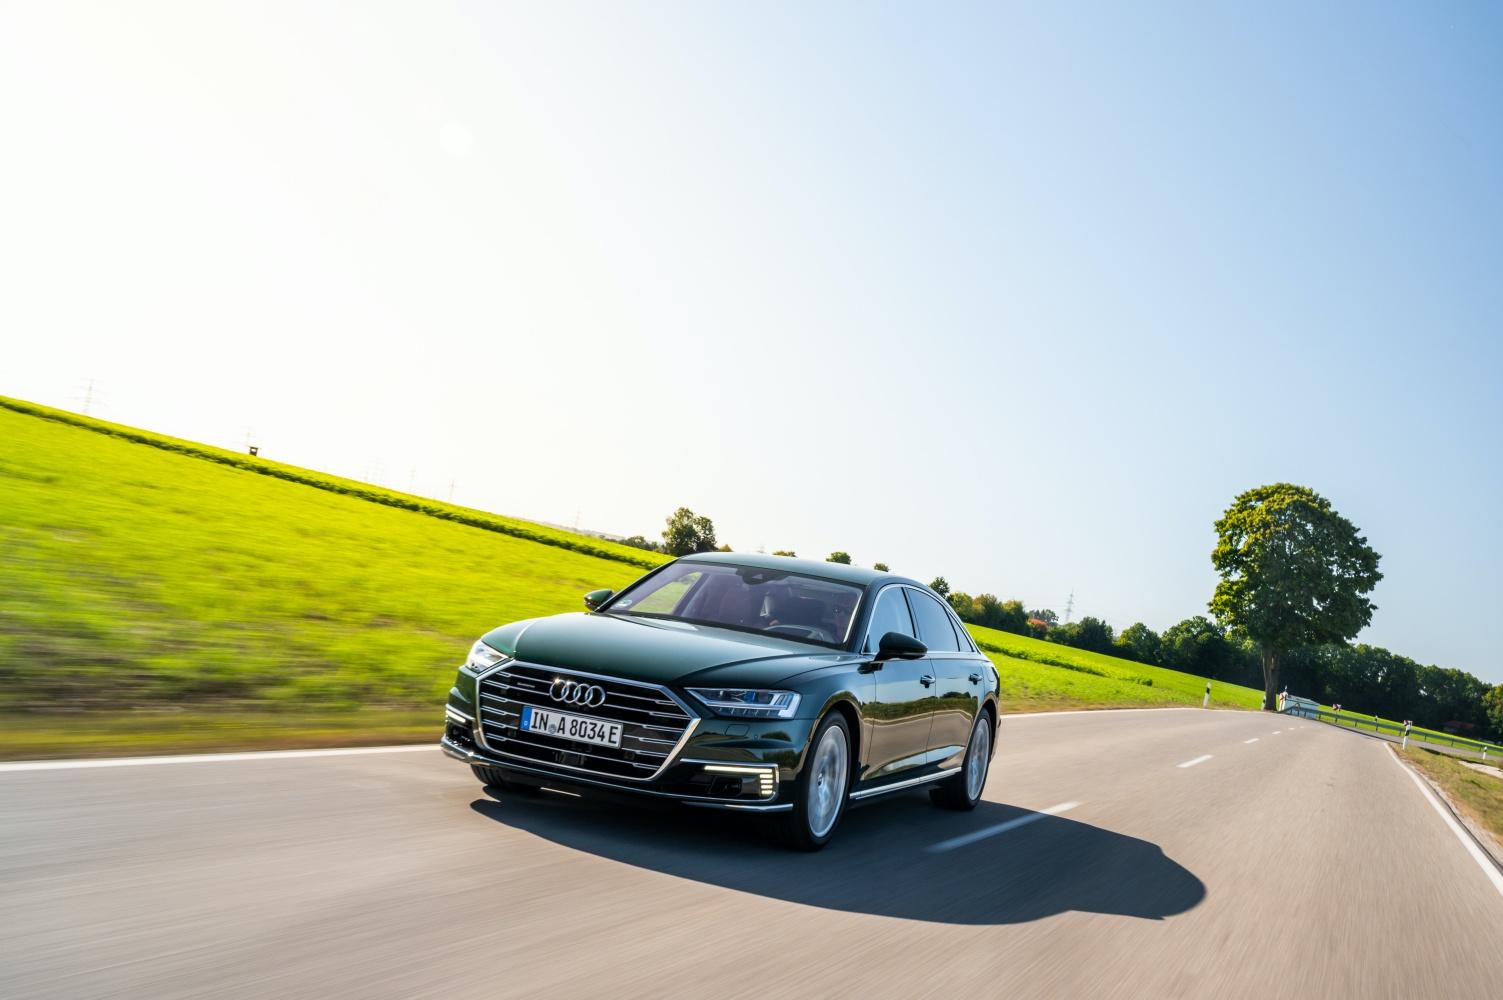 Audi stawia na elektryfikację oferty. Oto nowe Audi A6 i A8 w wersji hybrydowej